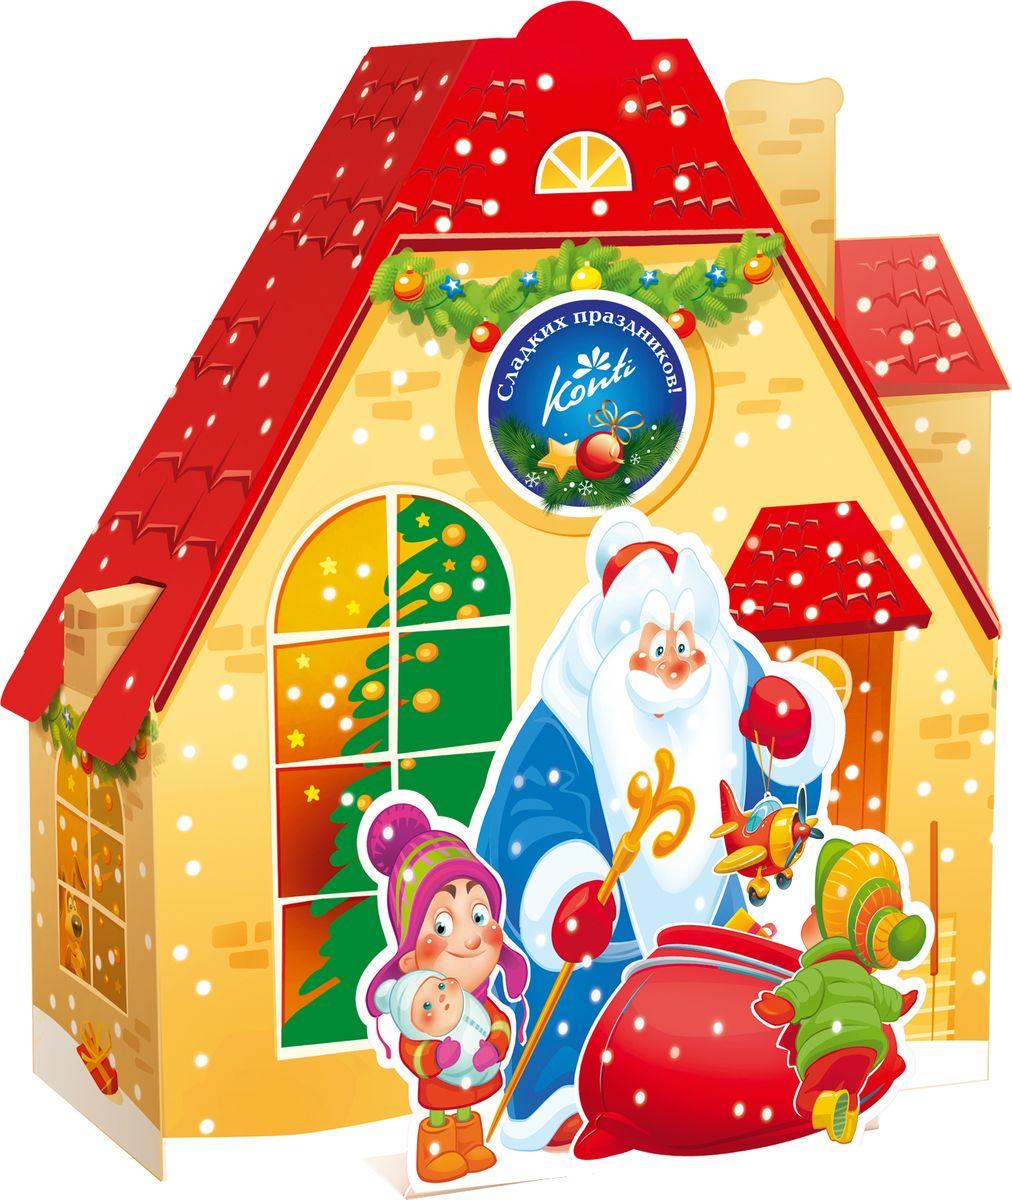 Конти рус Новогодний подарок 2016 Марьино, 700 г0120710Вы когда-нибудь задумывались, как выглядит дом Деда Мороза?Может быть, именно так: сказочно, загадочно и очень ярко.Подарите ребенку этот подарок, и его, кроме сладостей,будет ждать еще и приятный сюрприз внутри.